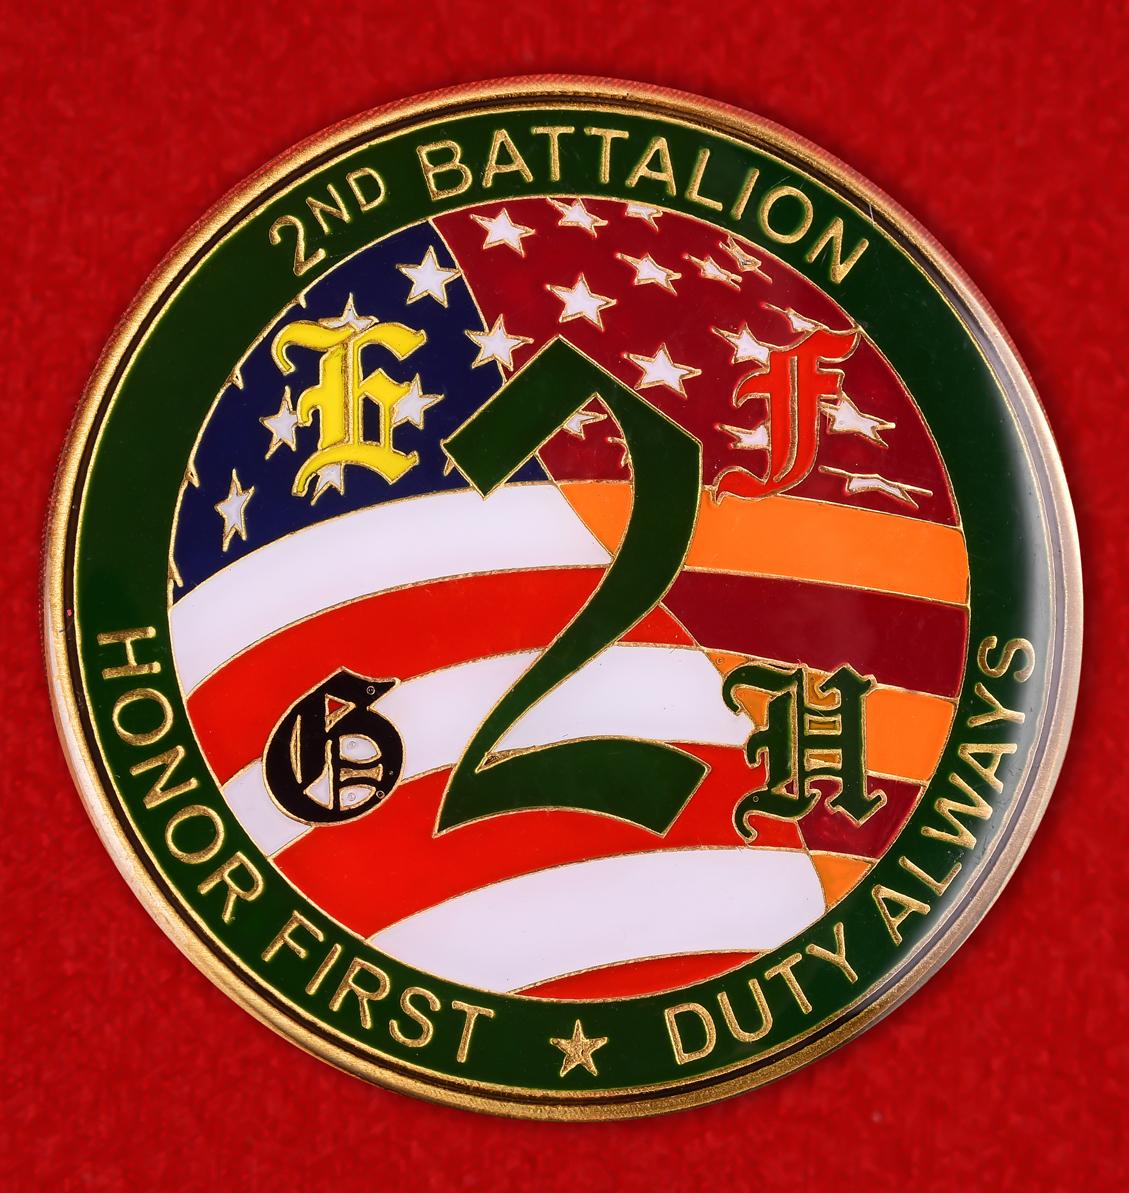 """Почетный знак """"Честь и долг"""" 2-го батальона Кадетского корпуса США"""